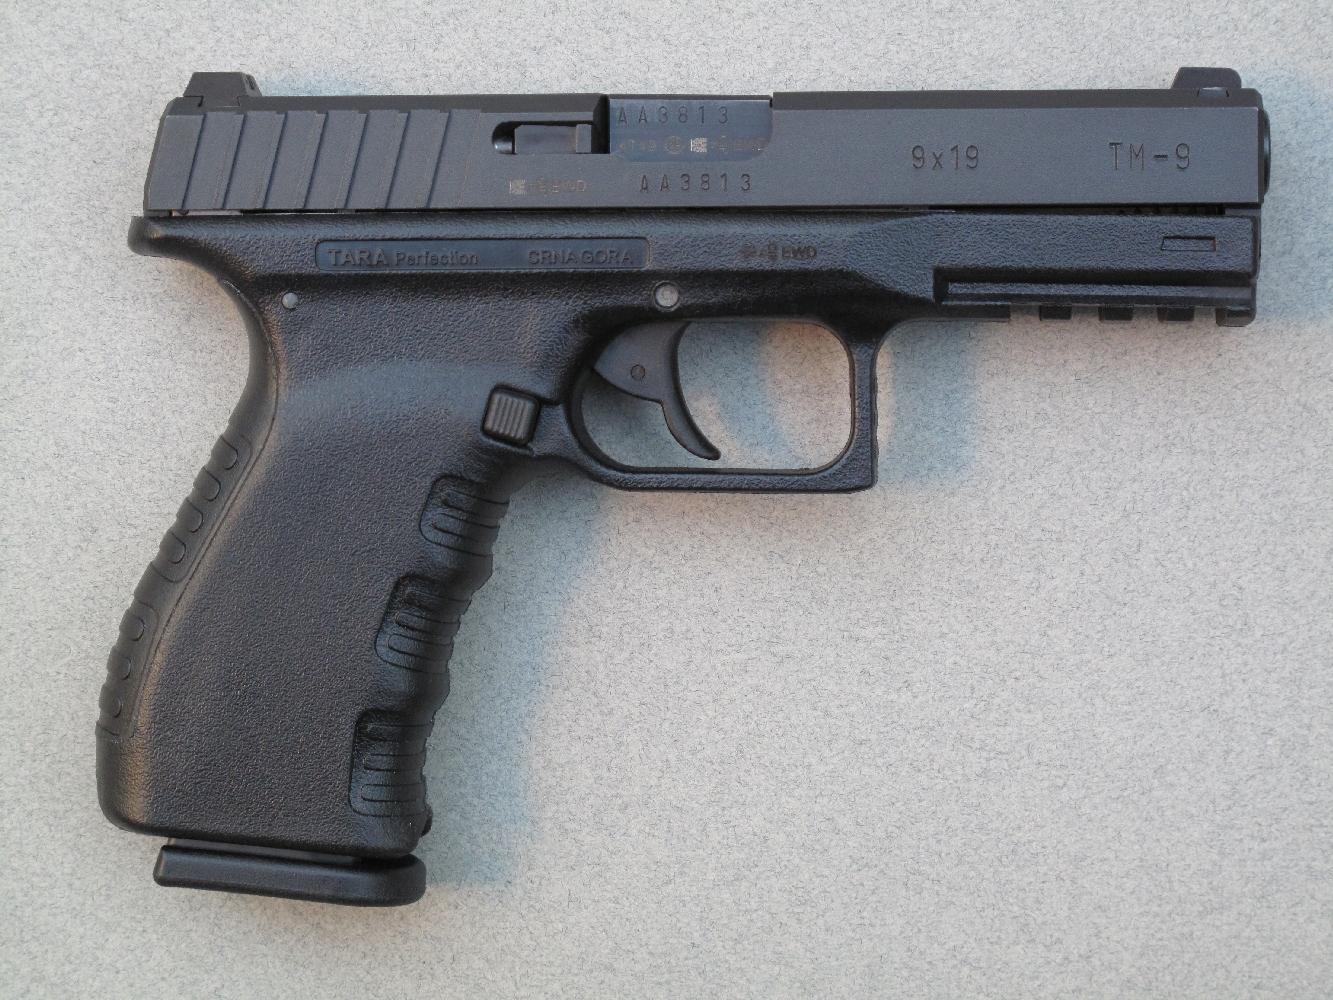 Ce pistolet semi-automatique se présente comme une copie du Glock 17, mais il se démarque radicalement de ce dernier par la simplicité d'utilisation de sa platine DAO.